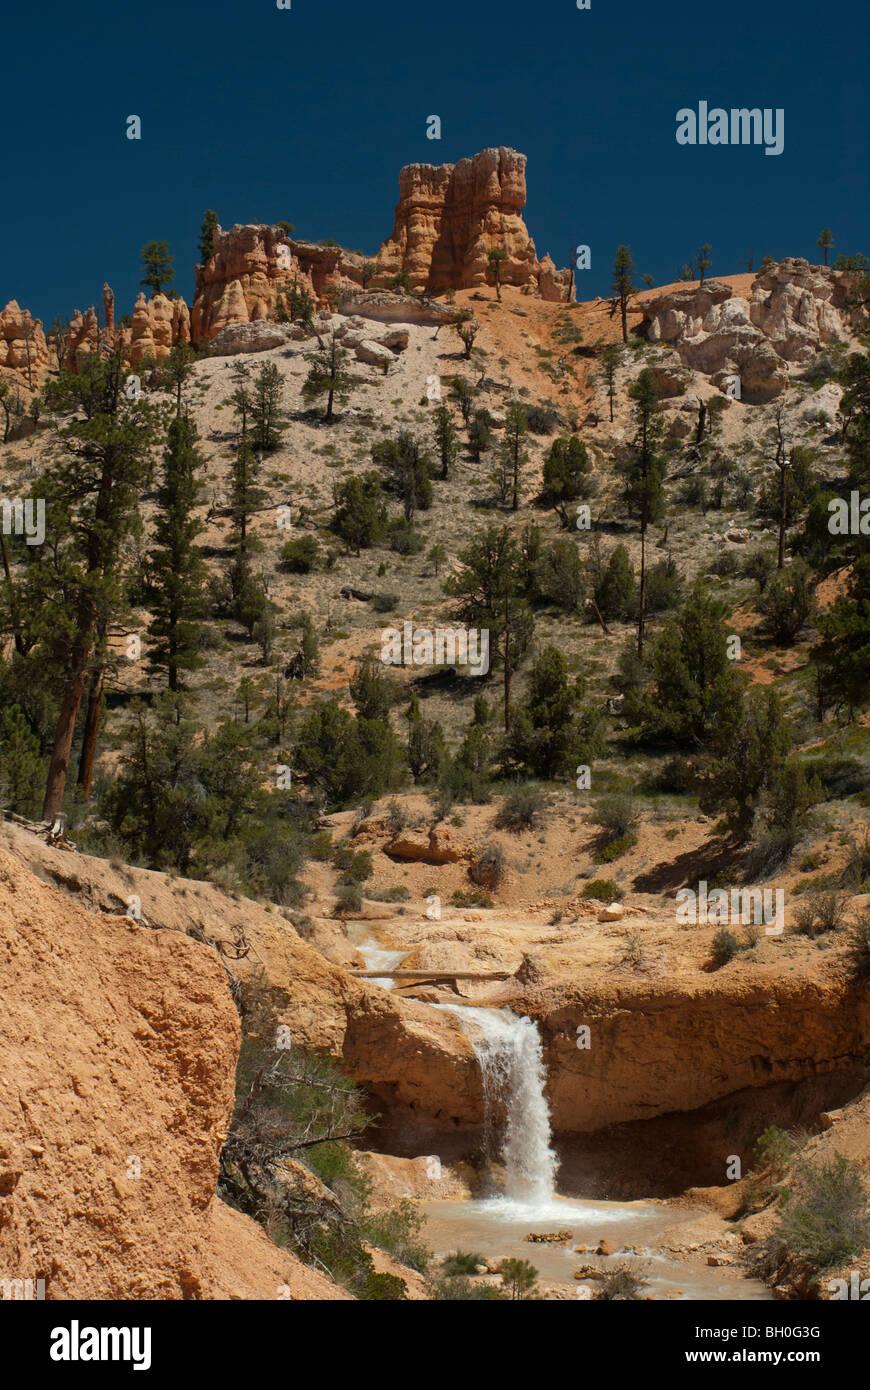 Waterfall in Utah - Stock Image